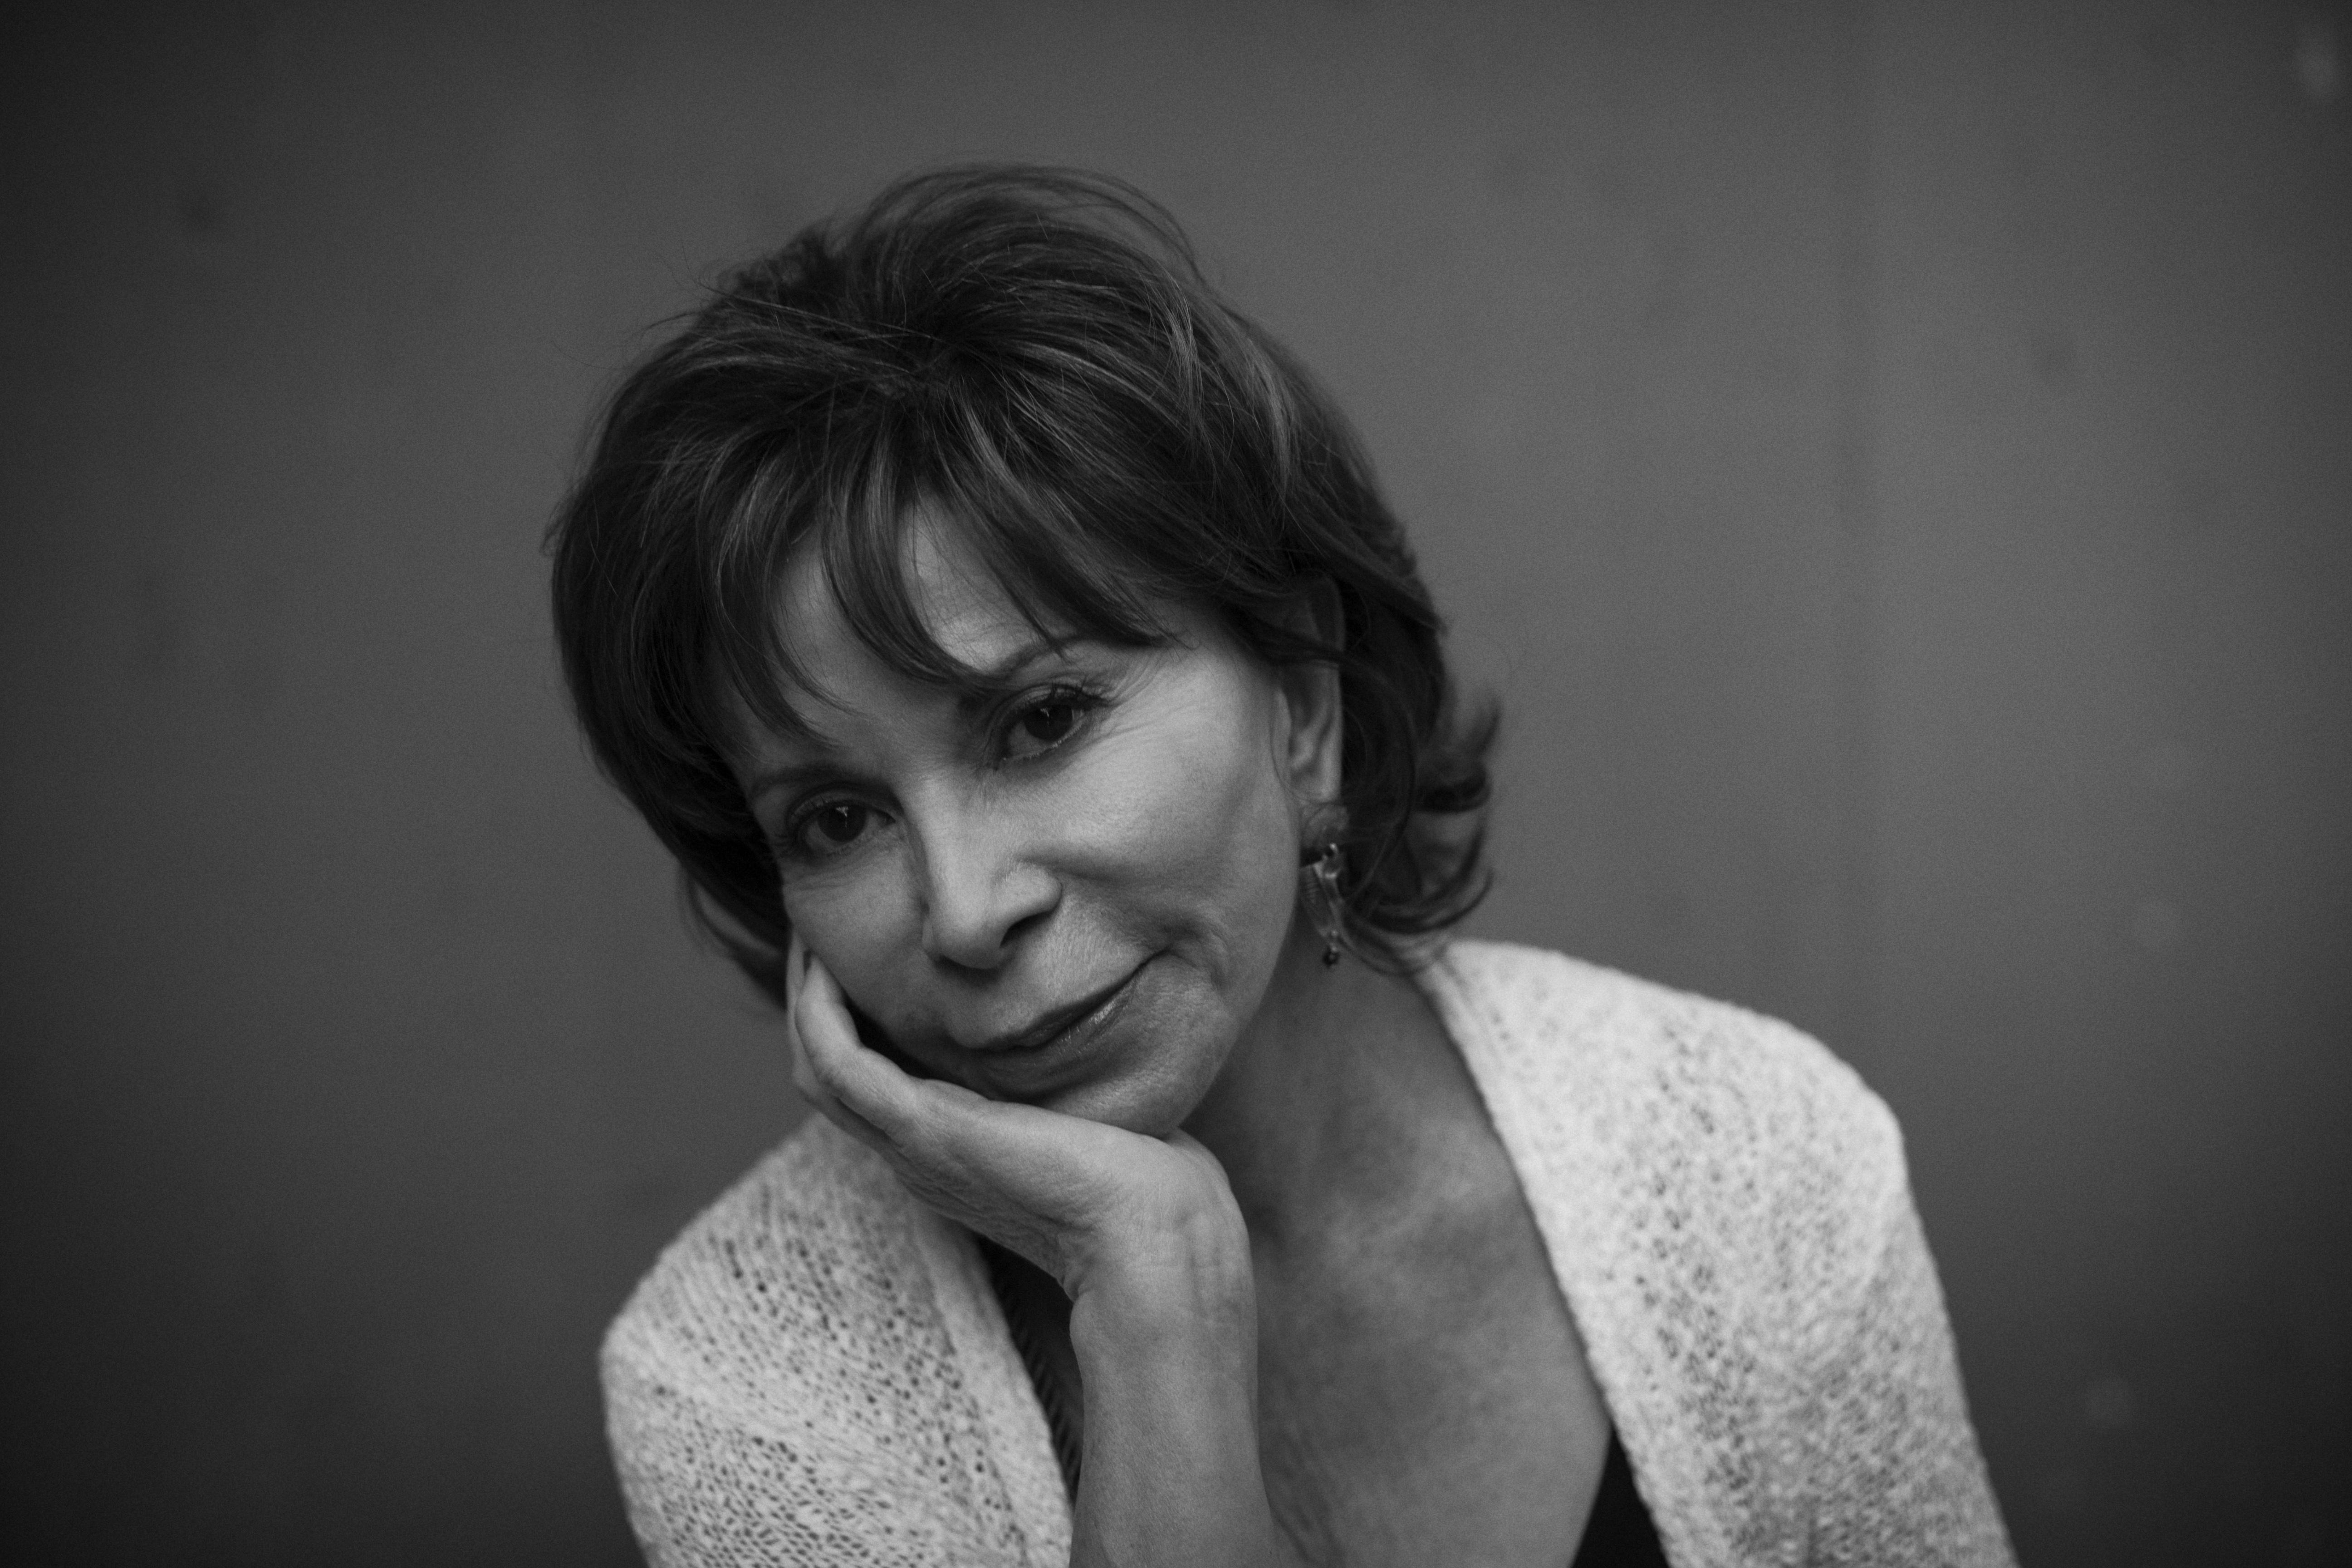 Isabel_Allende-3031